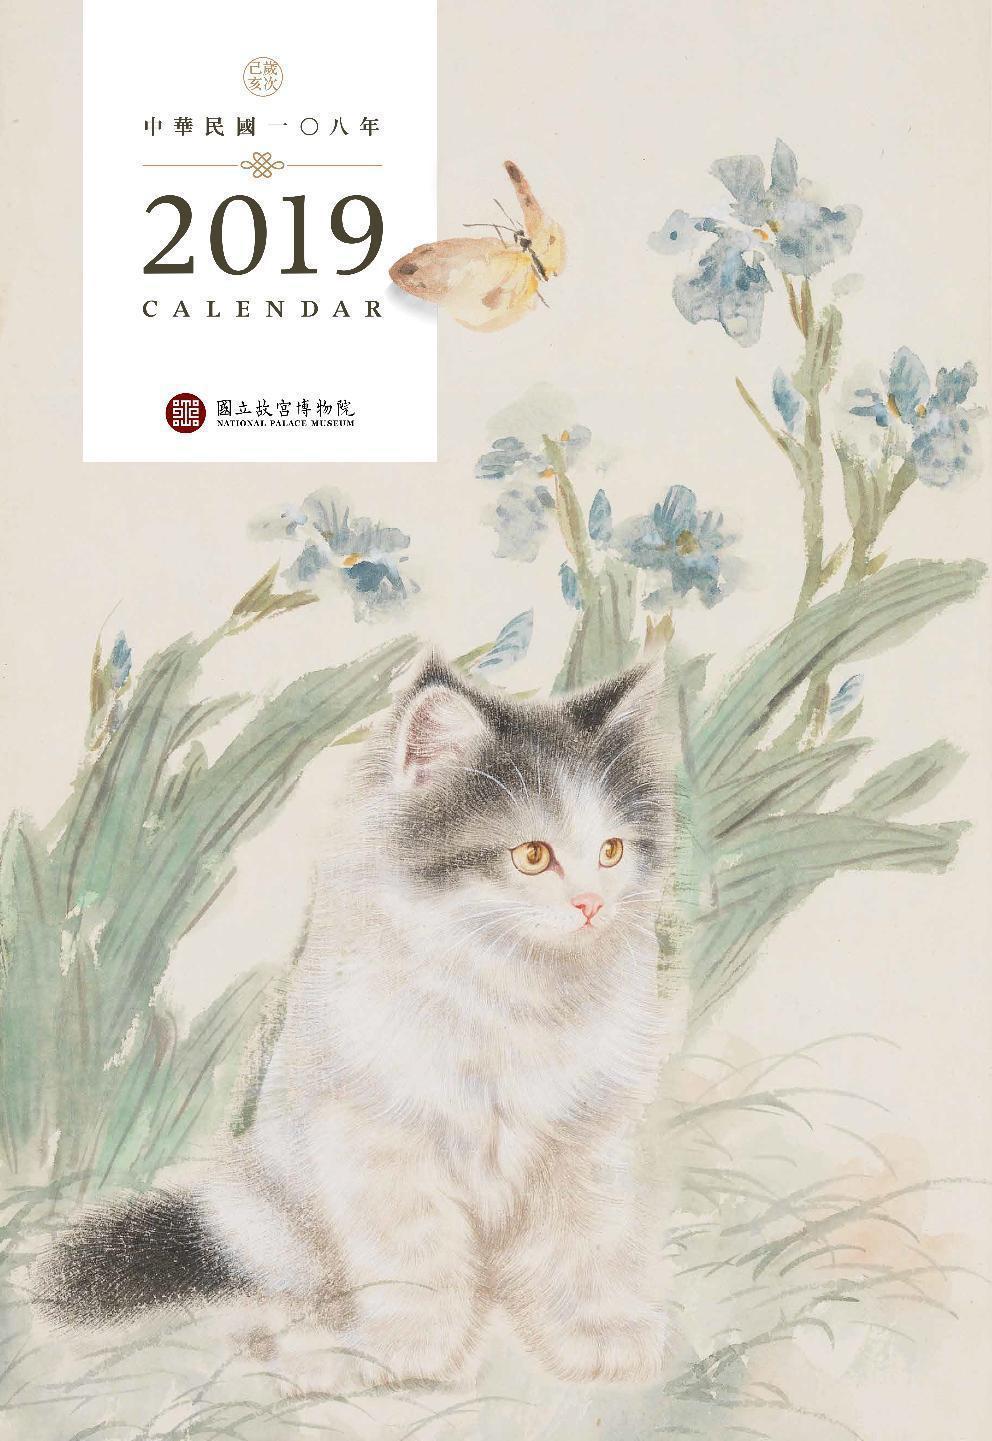 故宮2019年月曆主打貓咪主題。圖/故宮提供